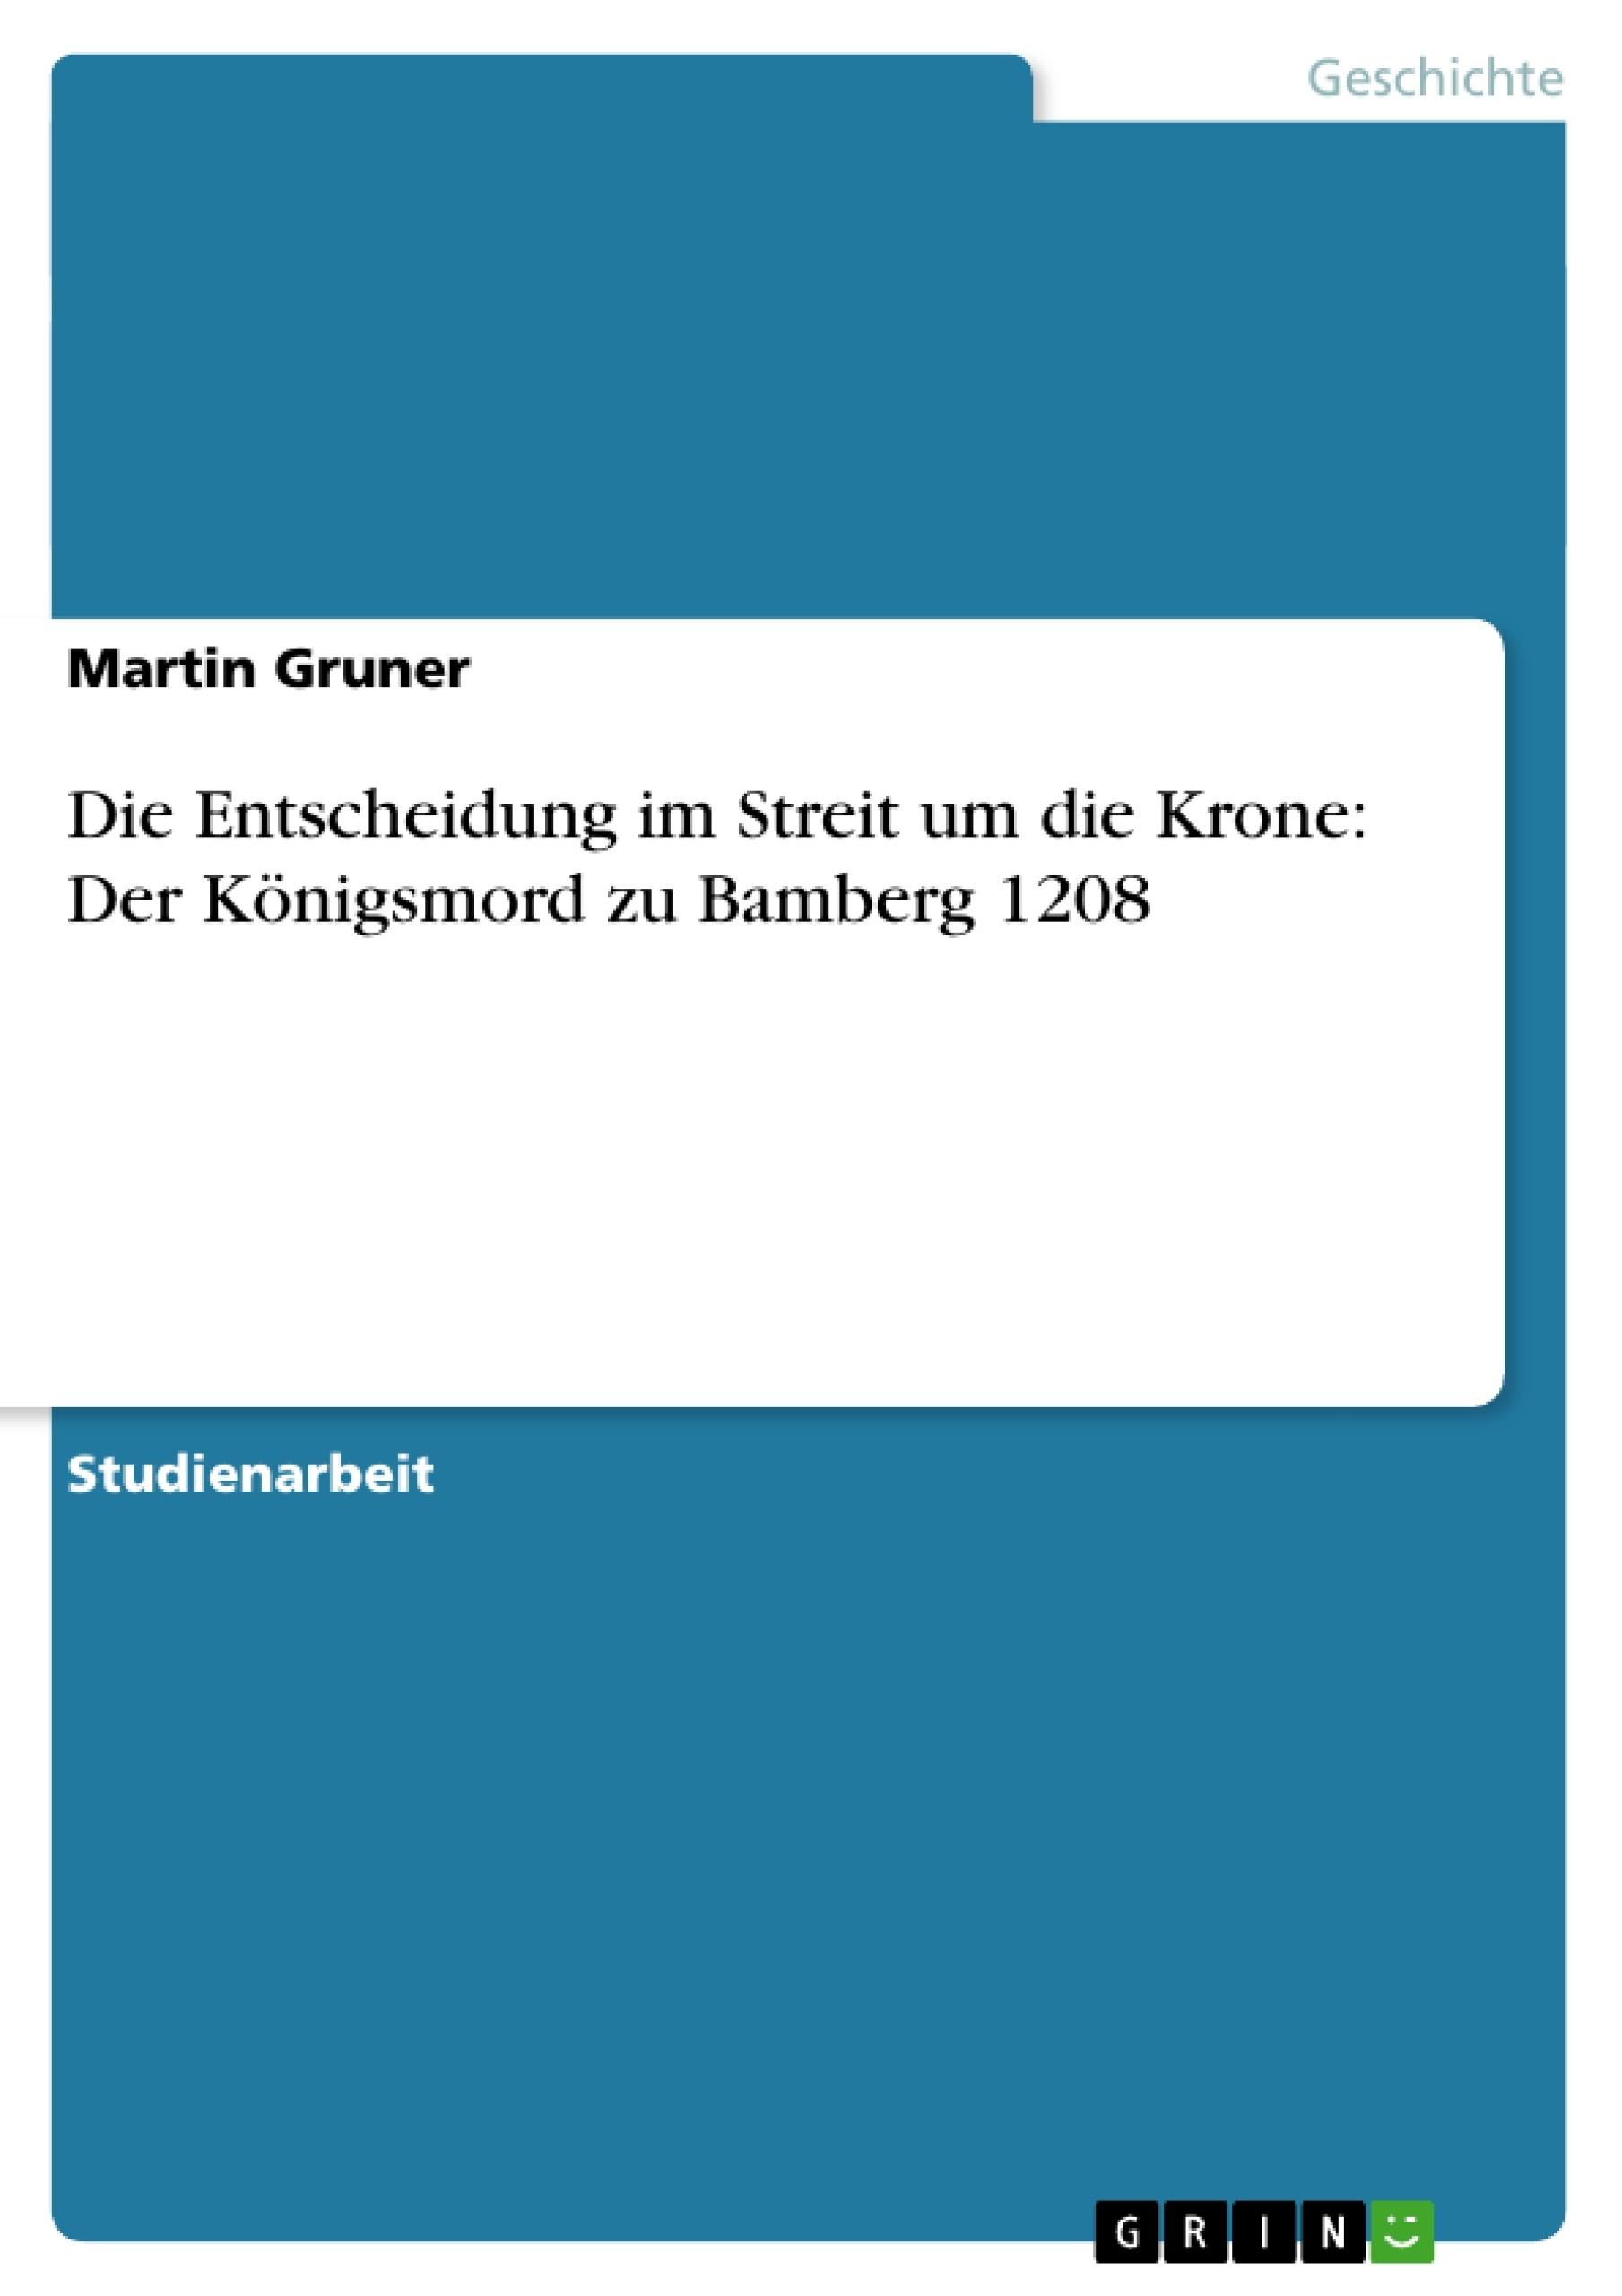 Titel: Die Entscheidung im Streit um die Krone: Der Königsmord zu Bamberg 1208